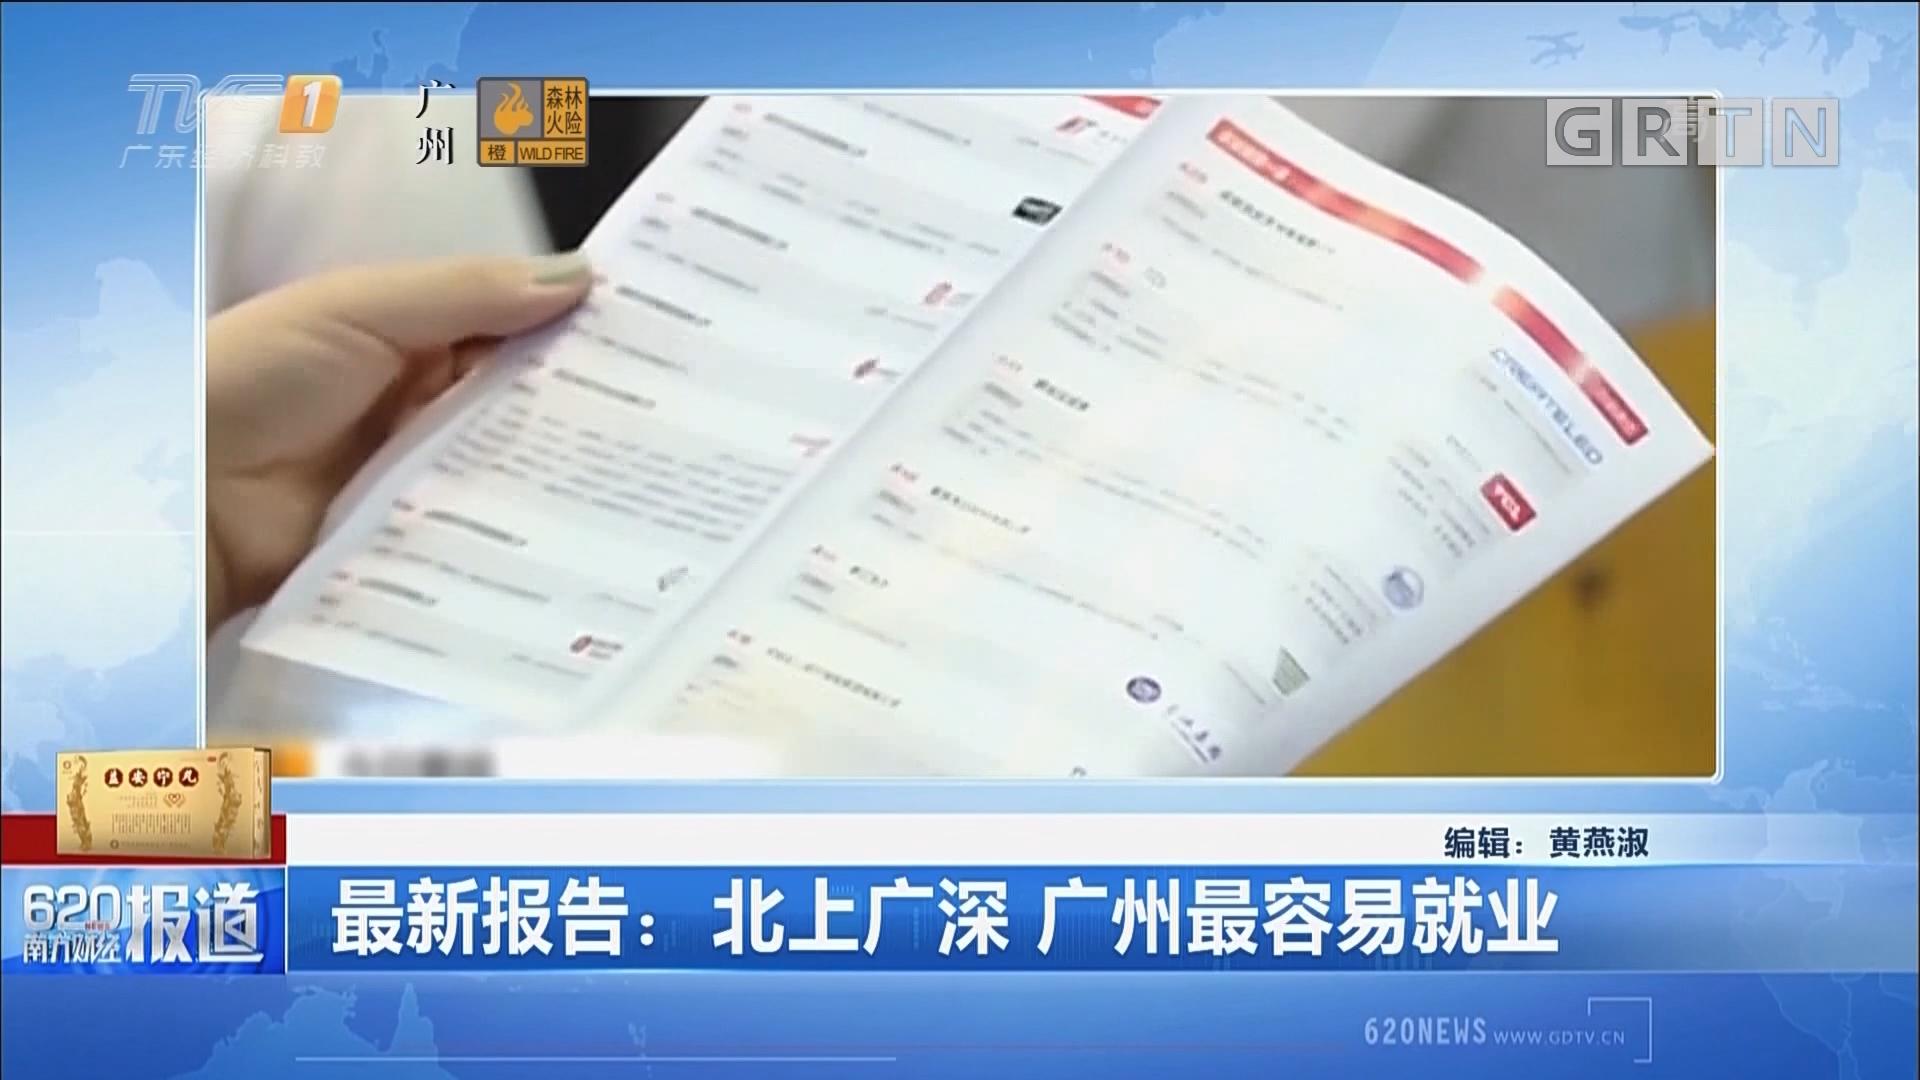 最新報告:北上廣深 廣州最容易就業